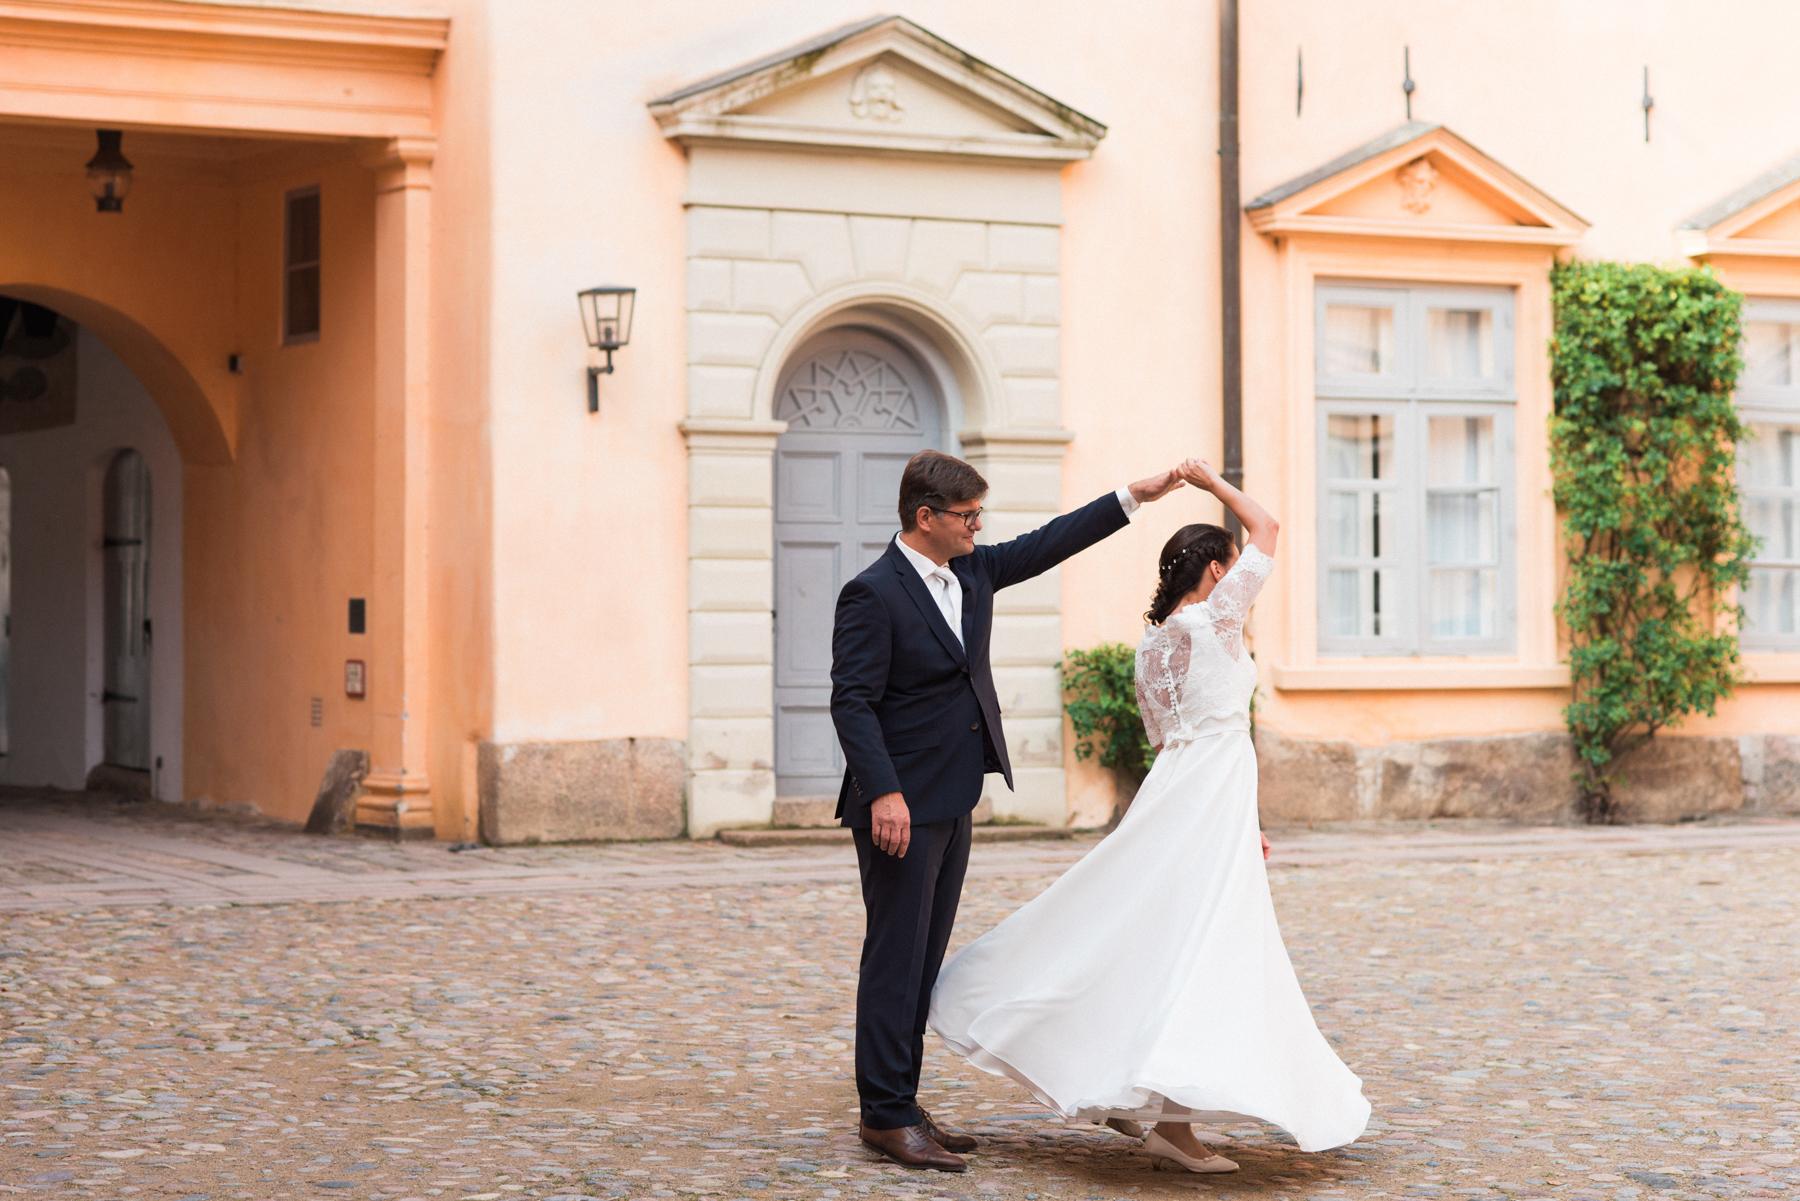 Bluhm-Hochzeitsfotograf-HochzeitamMeer-44.jpg